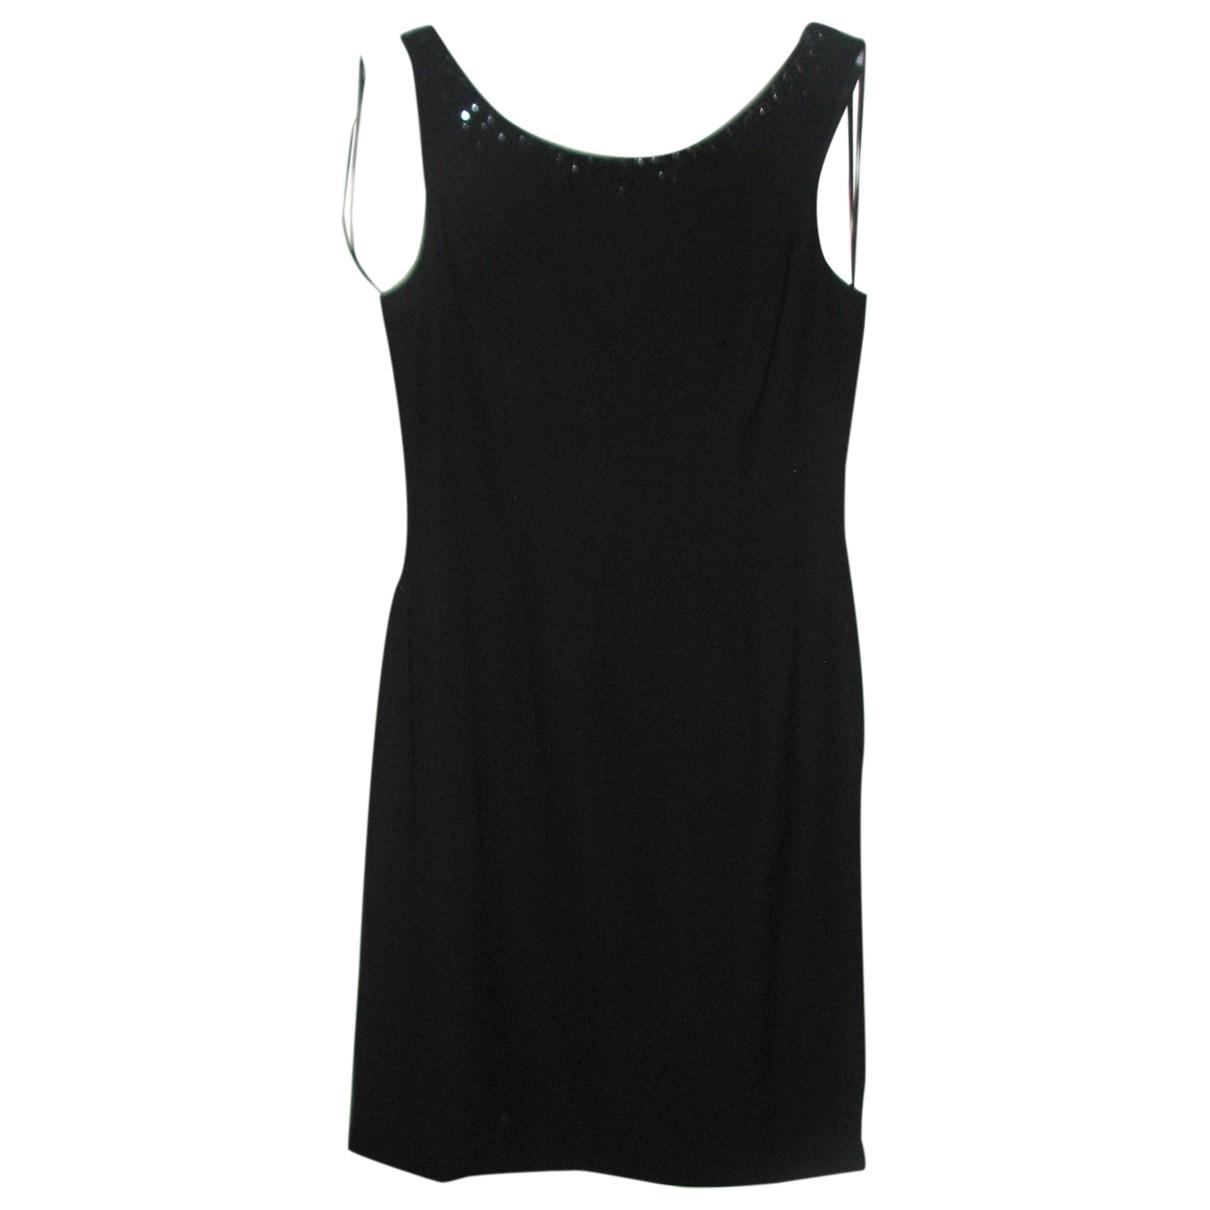 Jenny Packham \N Black dress for Women 12 UK